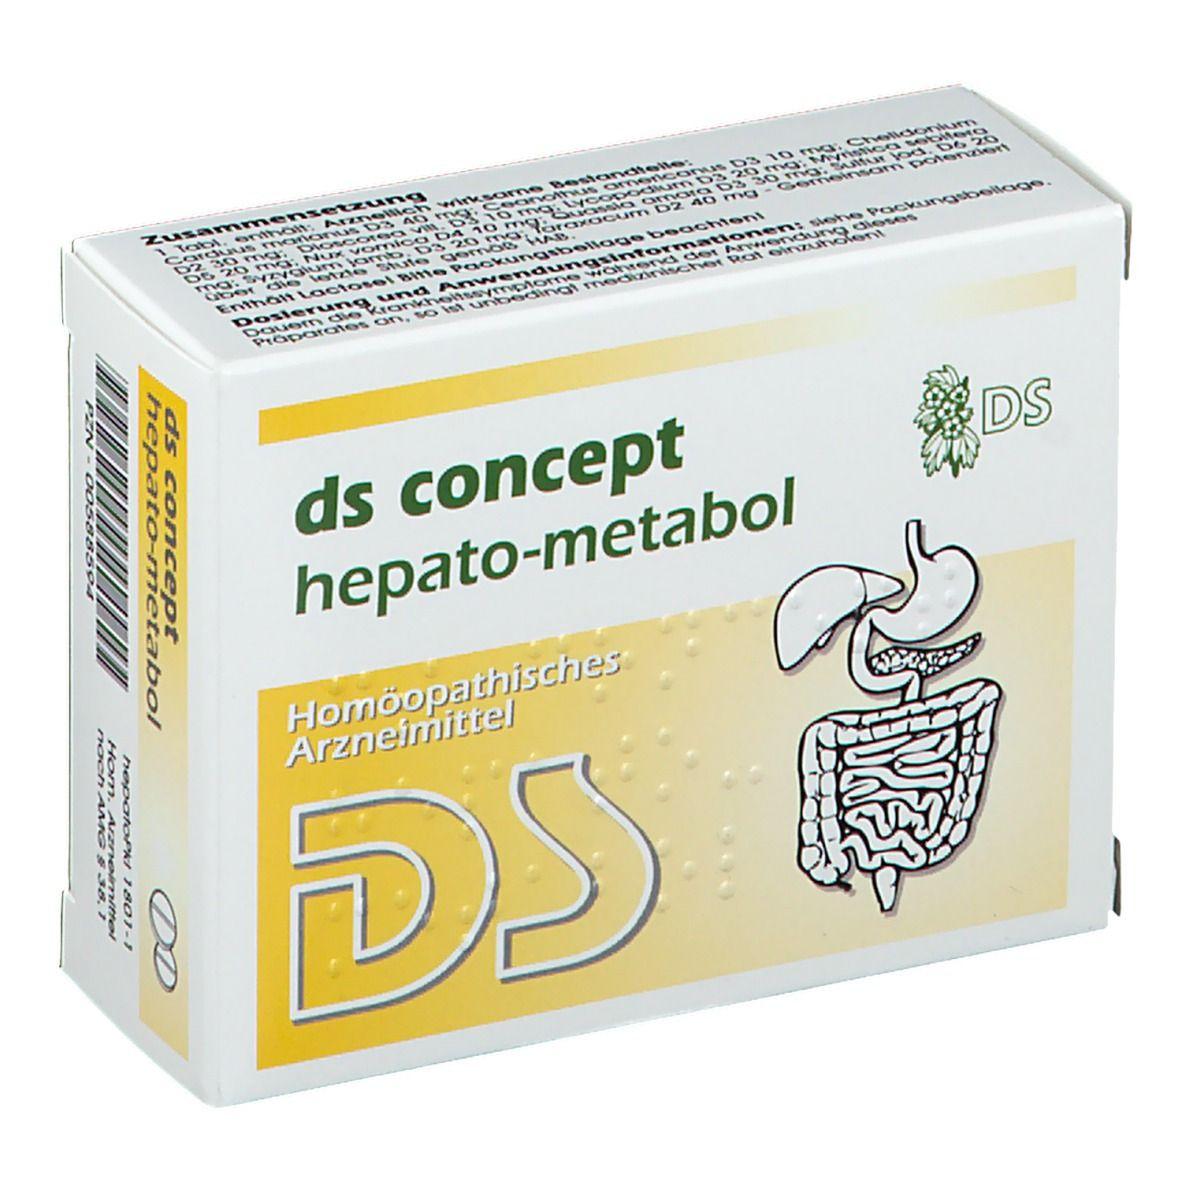 ds concept hepato-metabol